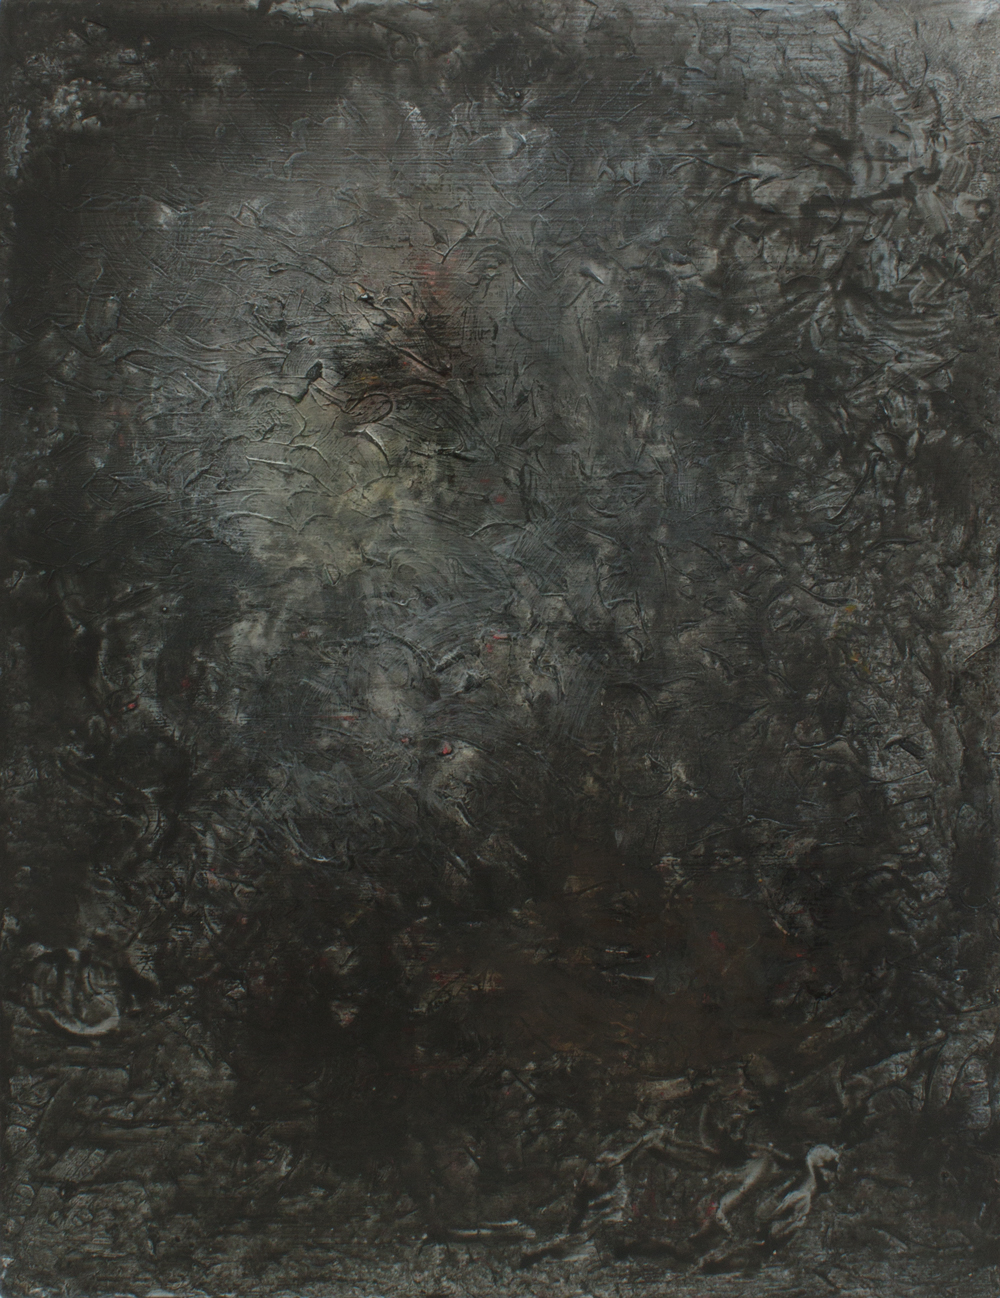 Reverberation/Efterklang III | Martin Ålund